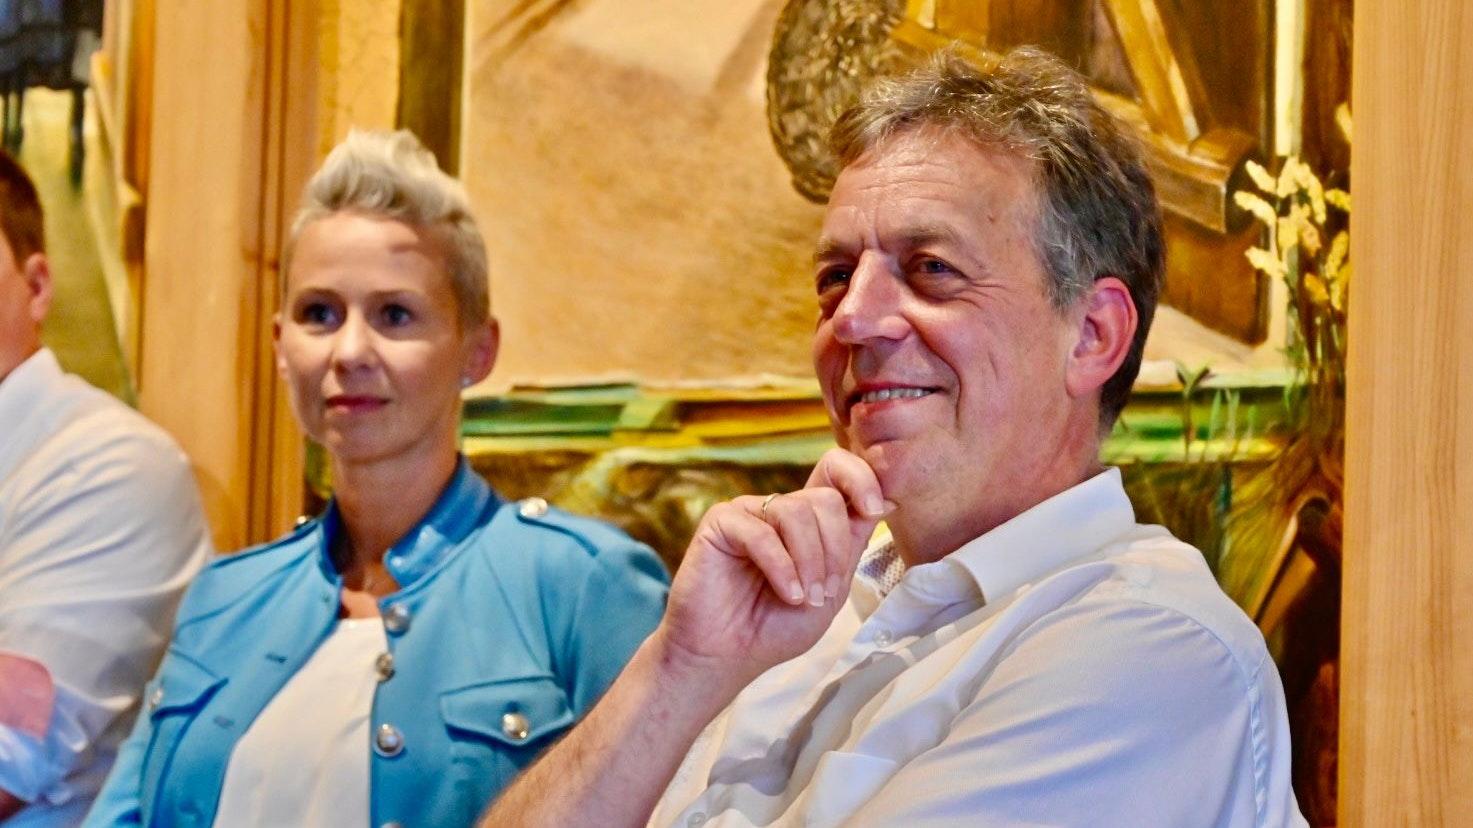 Diskutieren beide über Wolfspolitik: Silvia Breher und Helmut Dammann-Tamke. Foto: M. Niehues